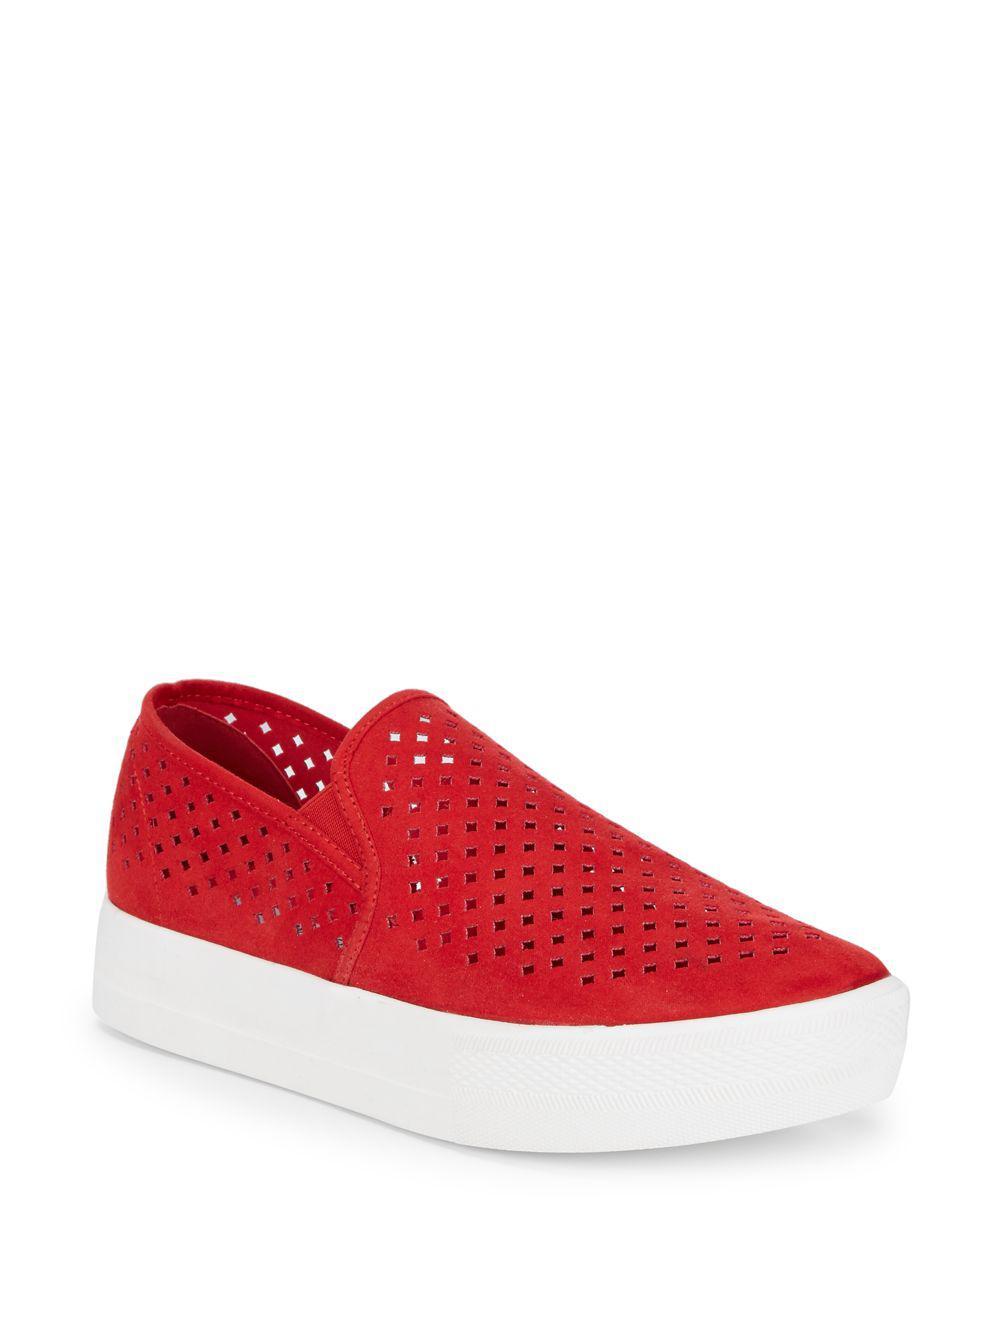 9bb41b6c102 Lyst - Steve Madden Ivette Slip-on Sneakers in Red